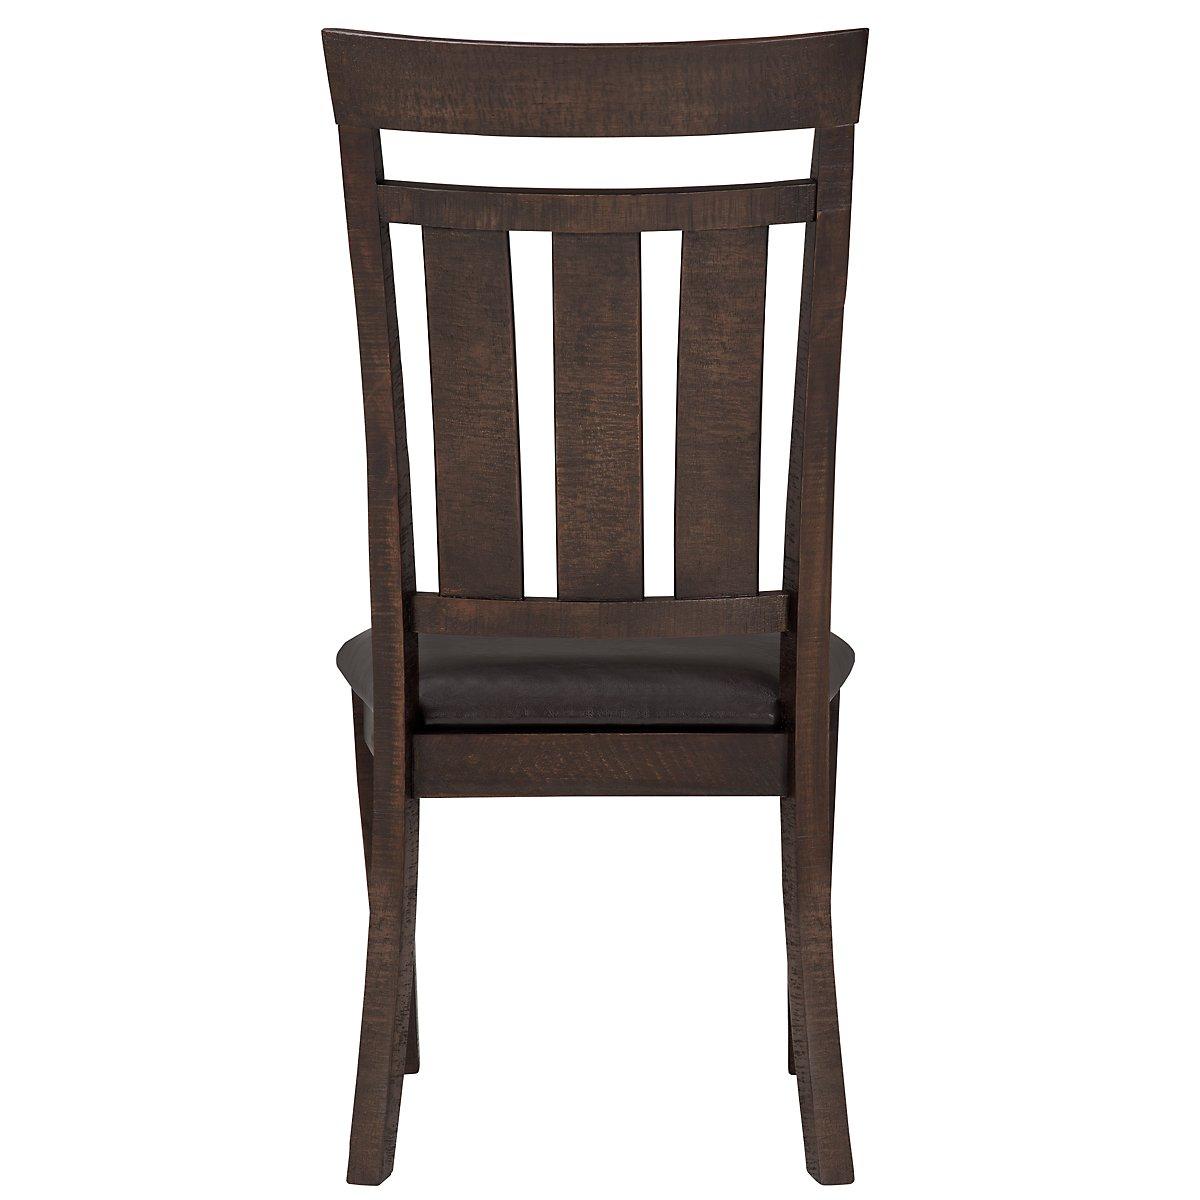 City Furniture Kona Grove Dark Tone Wood Side Chair